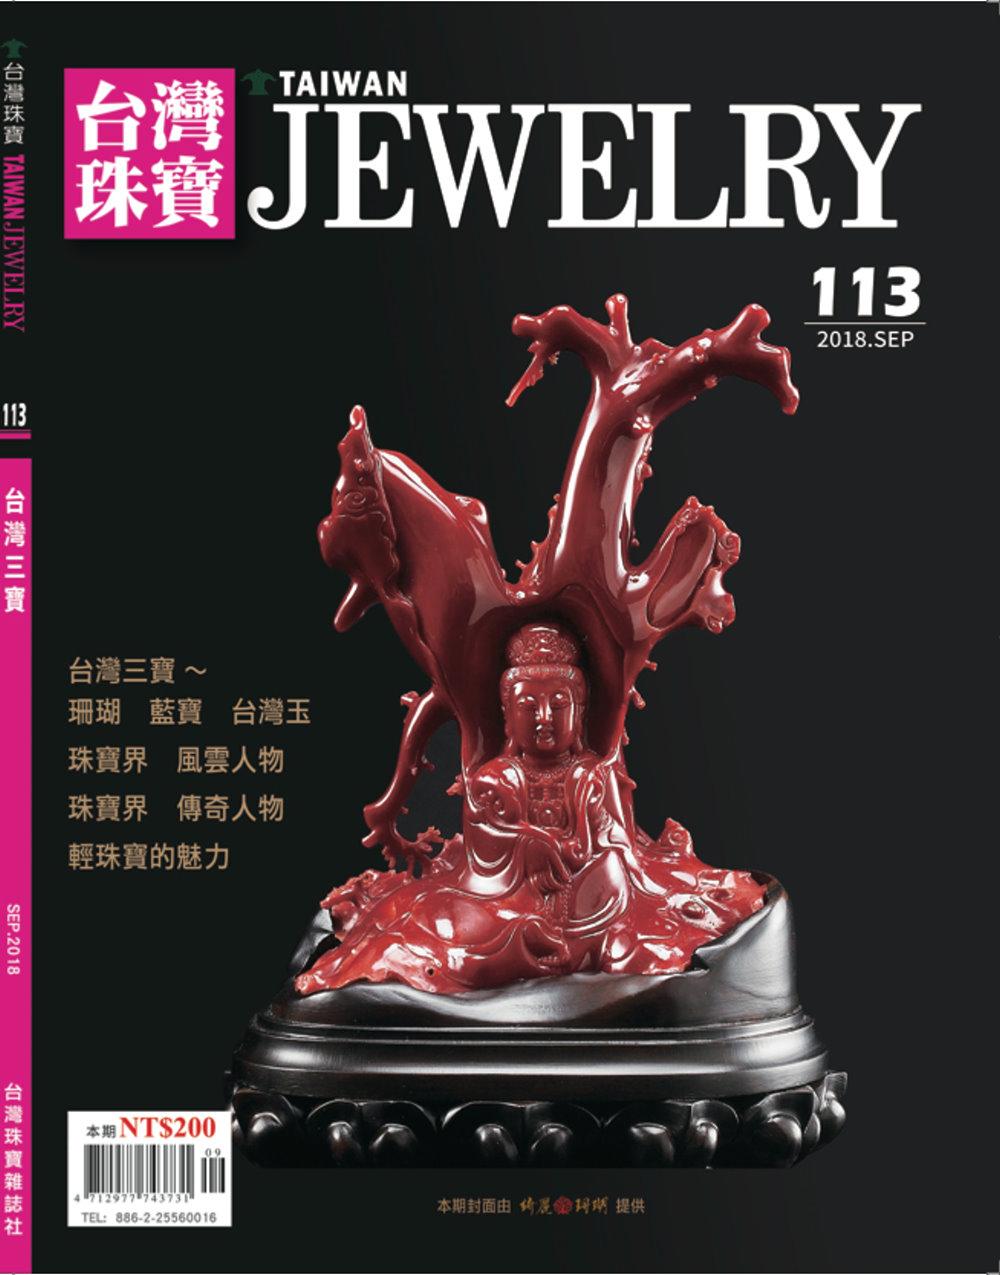 台灣珠寶雜誌 9月號/2018第113期